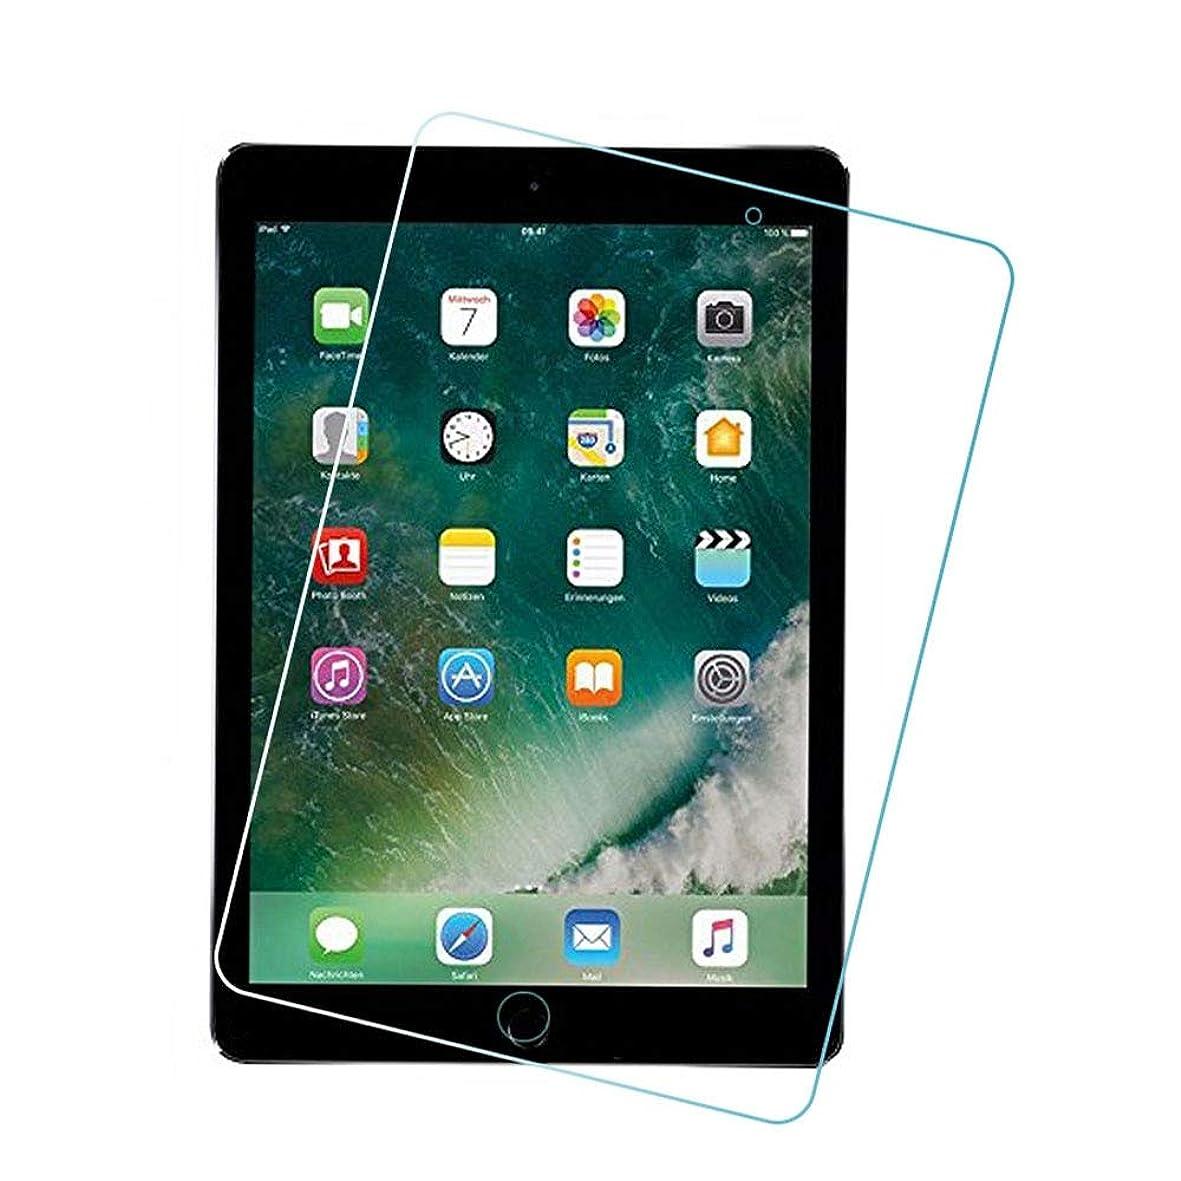 振る援助する偏見iPad mini 4 フィルム,LINECY 9H 耐衝撃 2.5D iPad mini 4 ガラスフィルム 0.15mm 高透過率 iPad mini 4専用